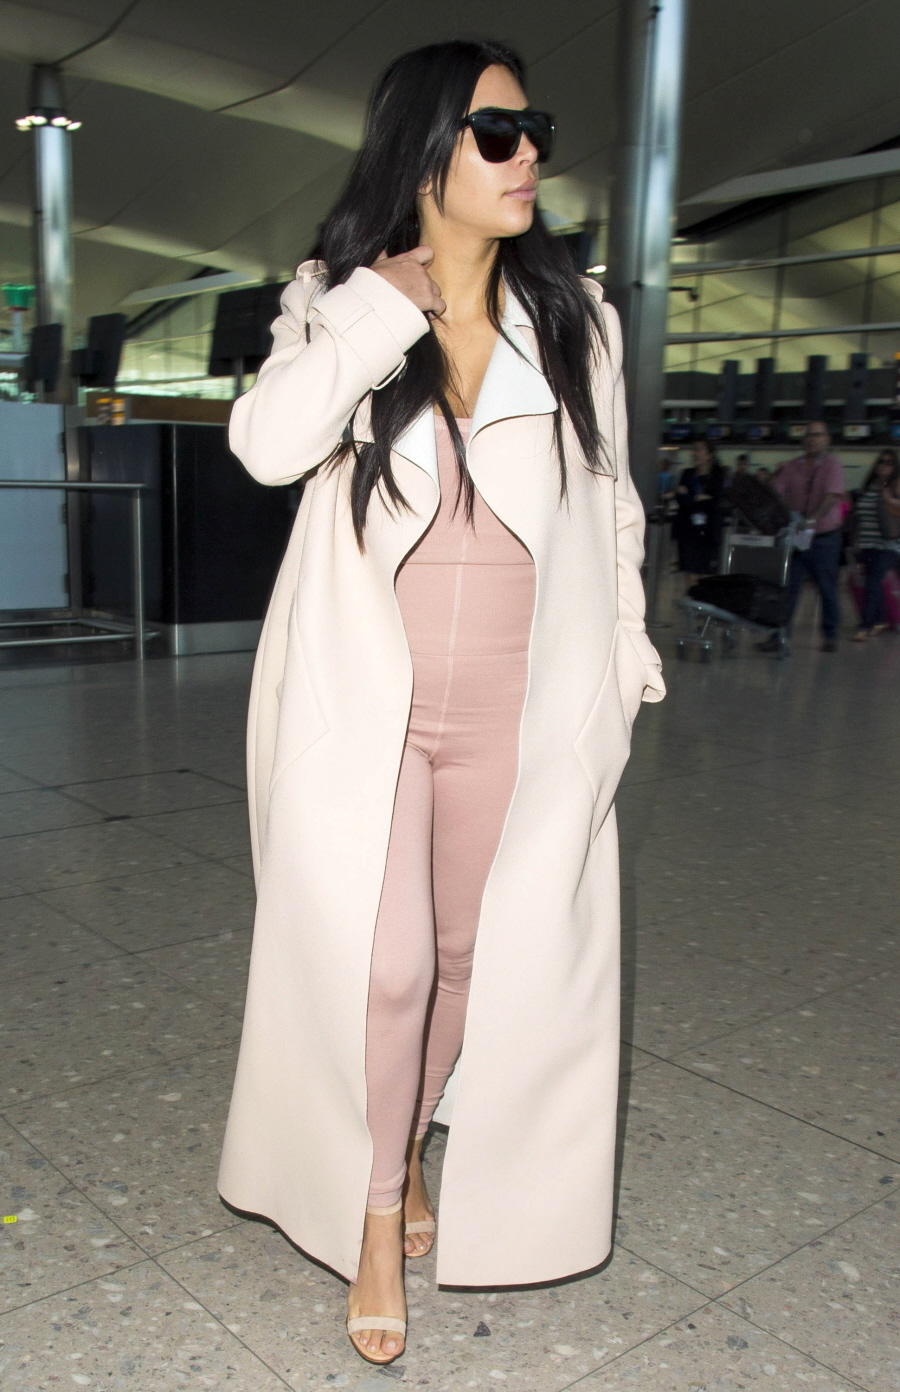 FFN_Kardashian_Kim_FFUK_062915_51785421